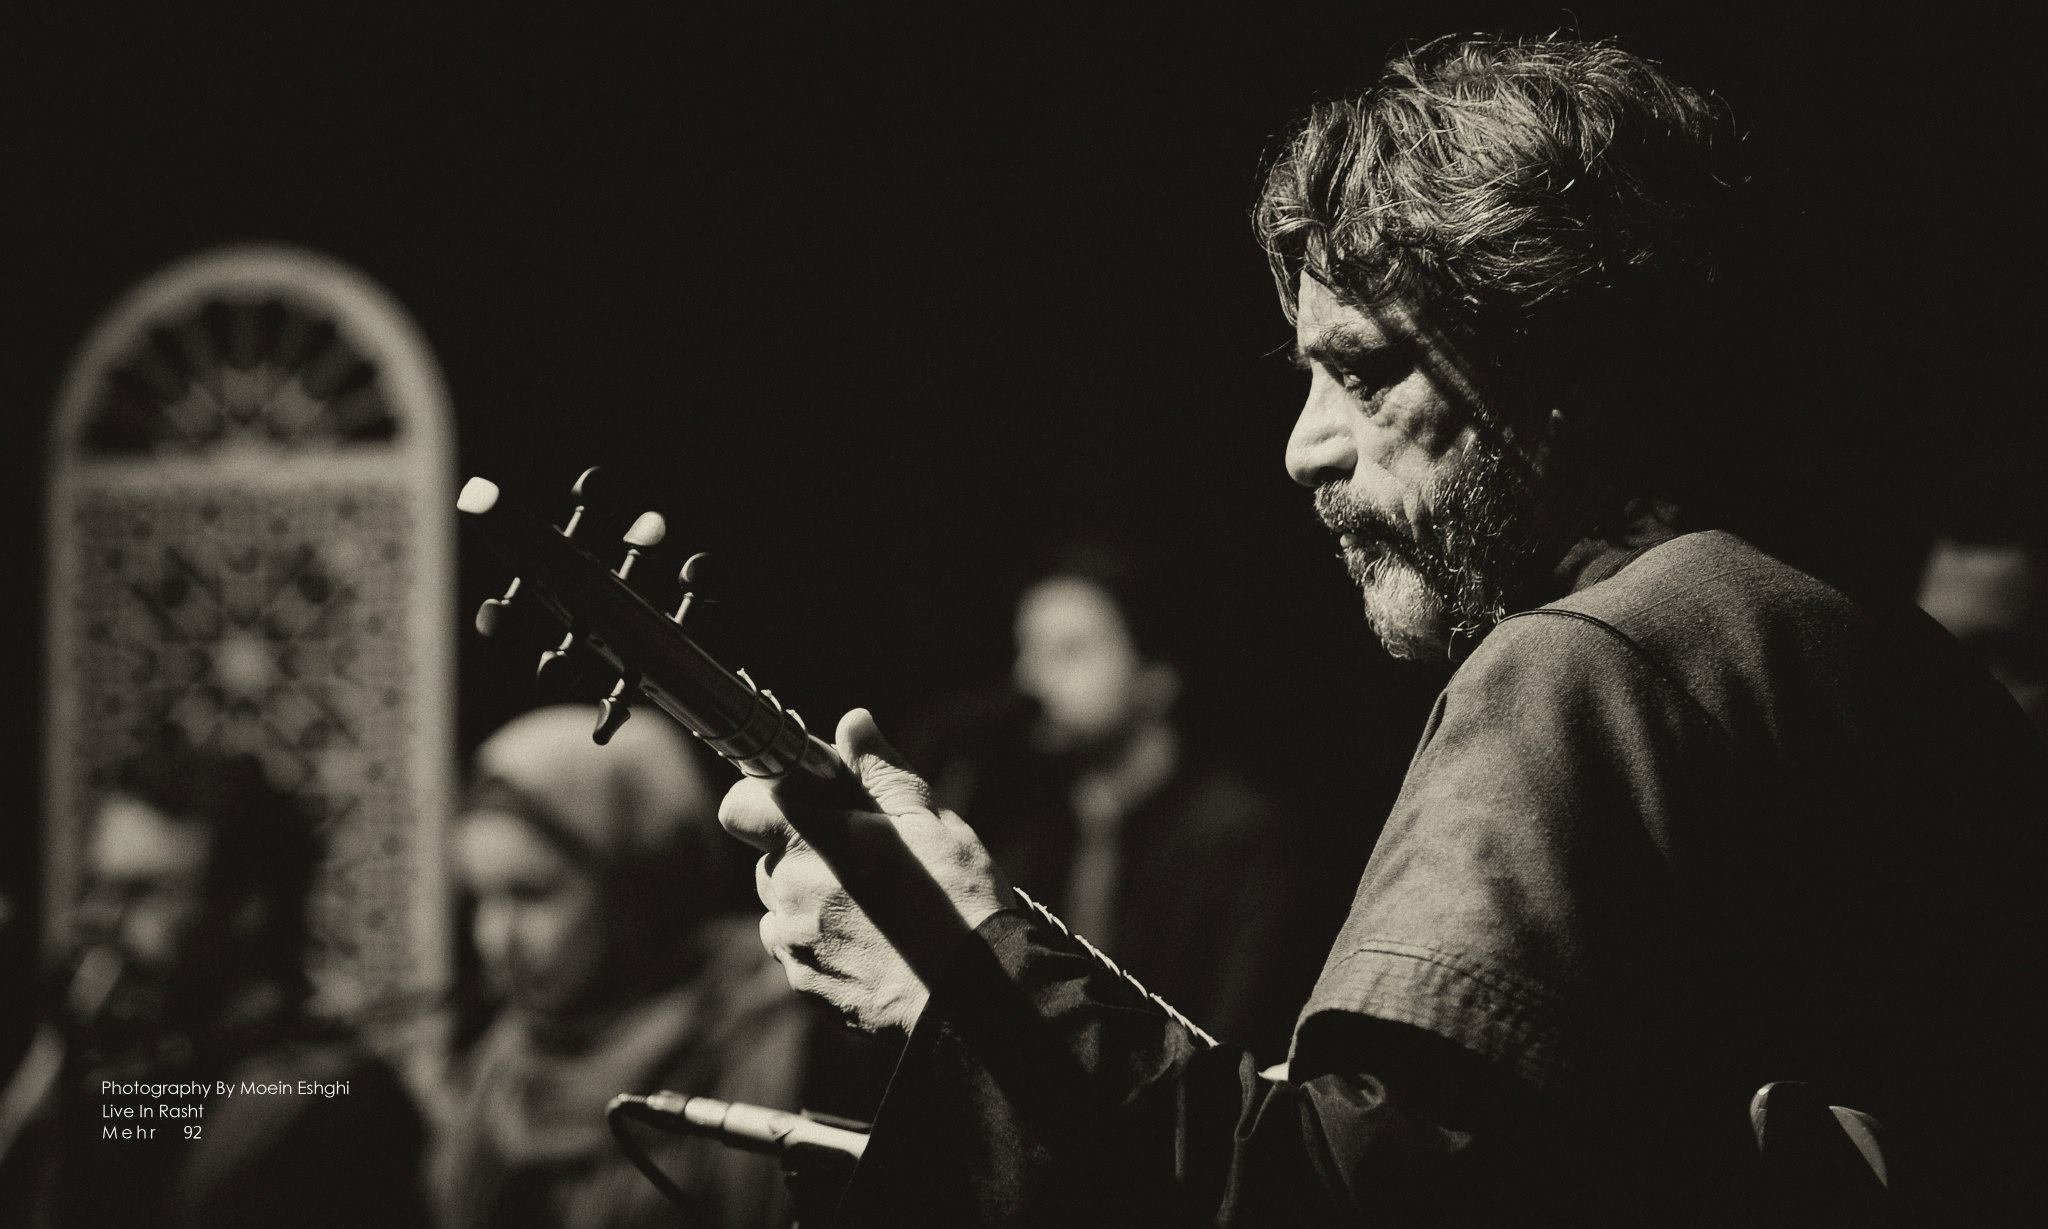 سمینار «خلاقیت در موسیقی ایران» برگزار می شود